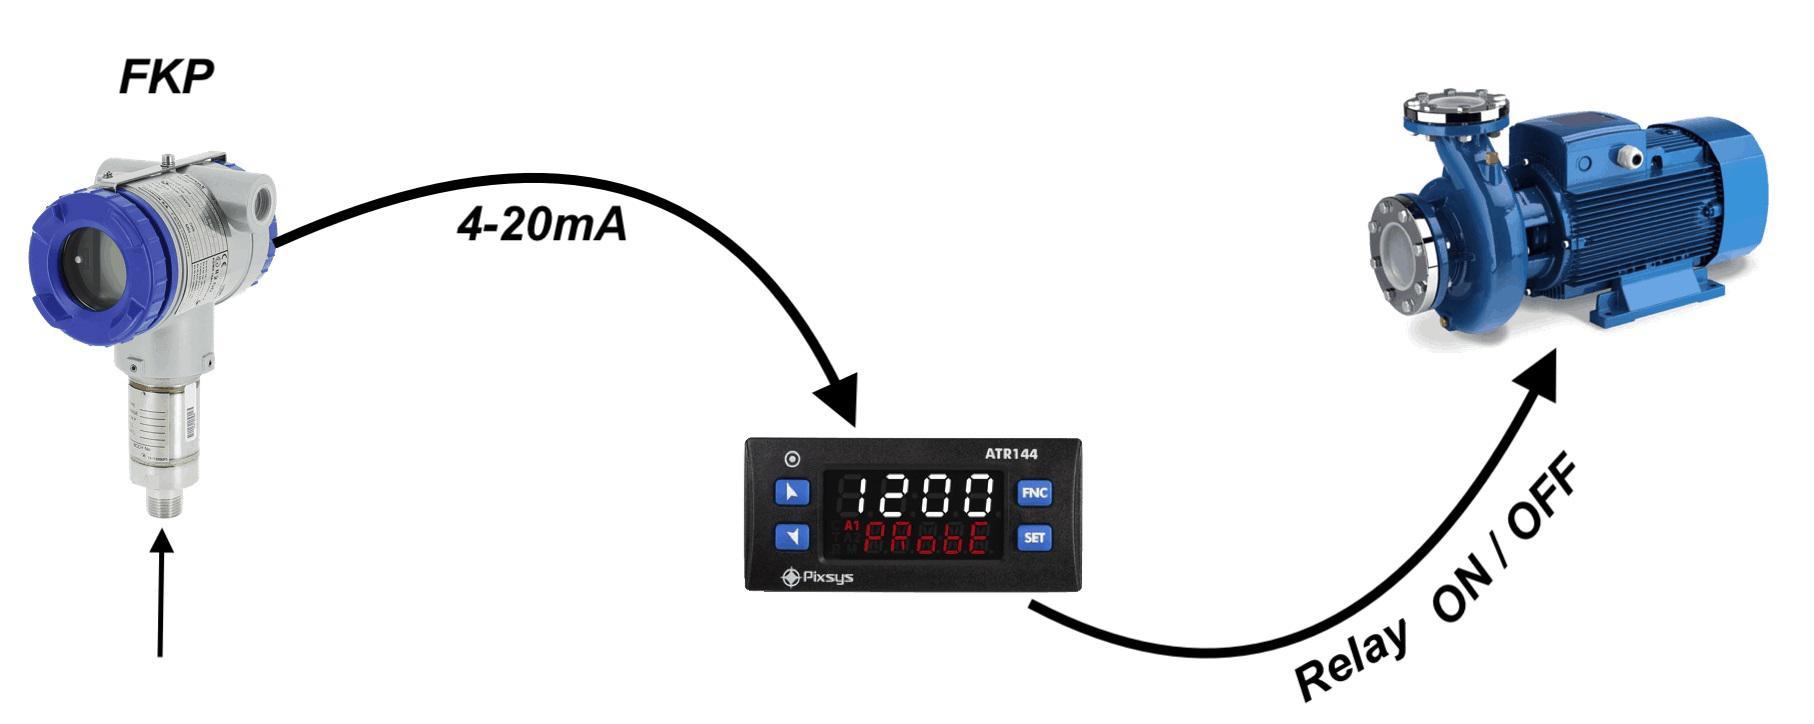 Cảm biến áp suất dùng để đóng ngắt bơm thông qua bộ điều khiển ATR144